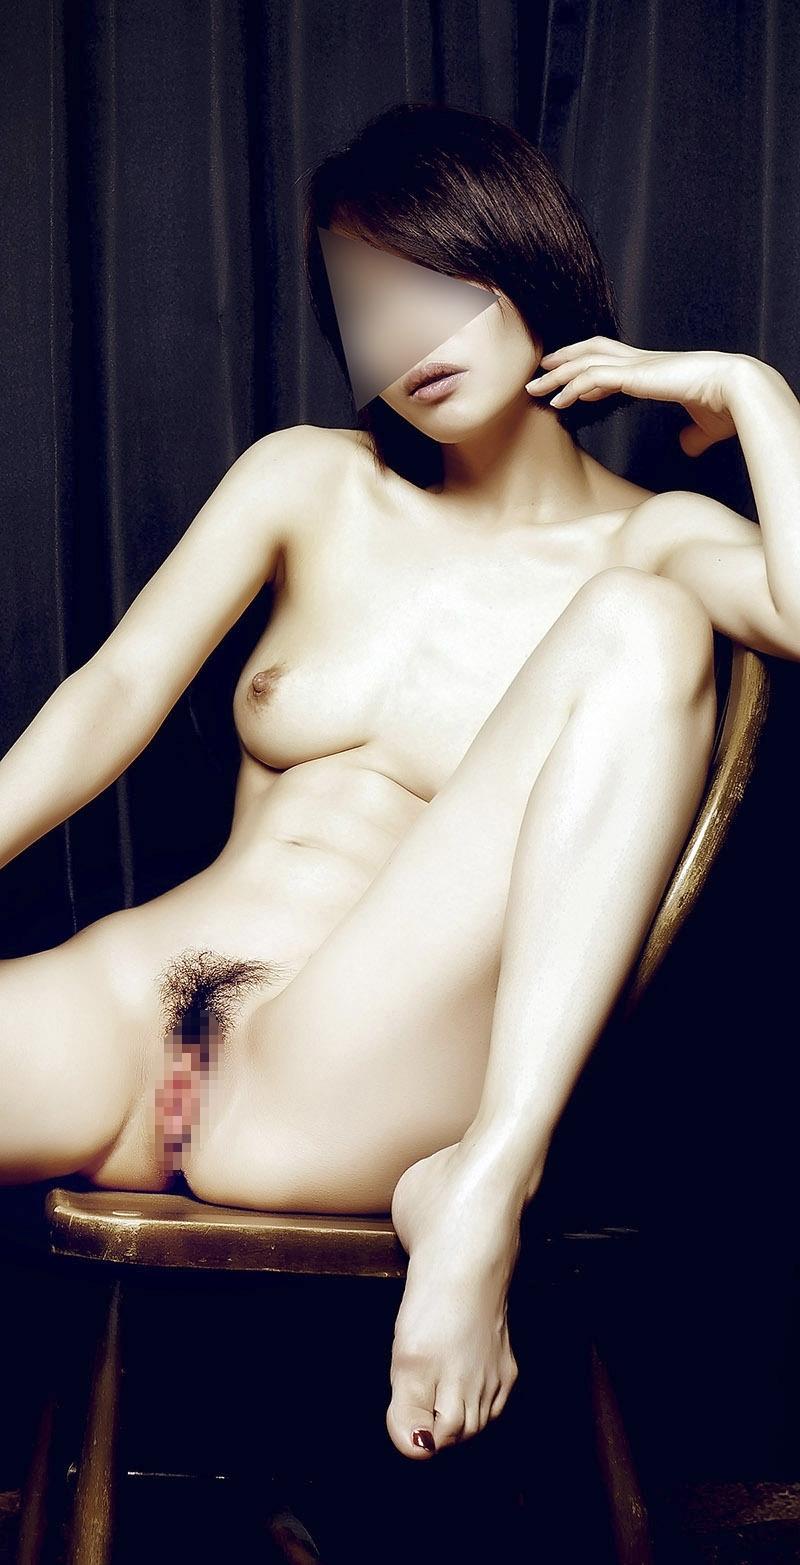 韓国美女のマンコくぱぁ画像 7